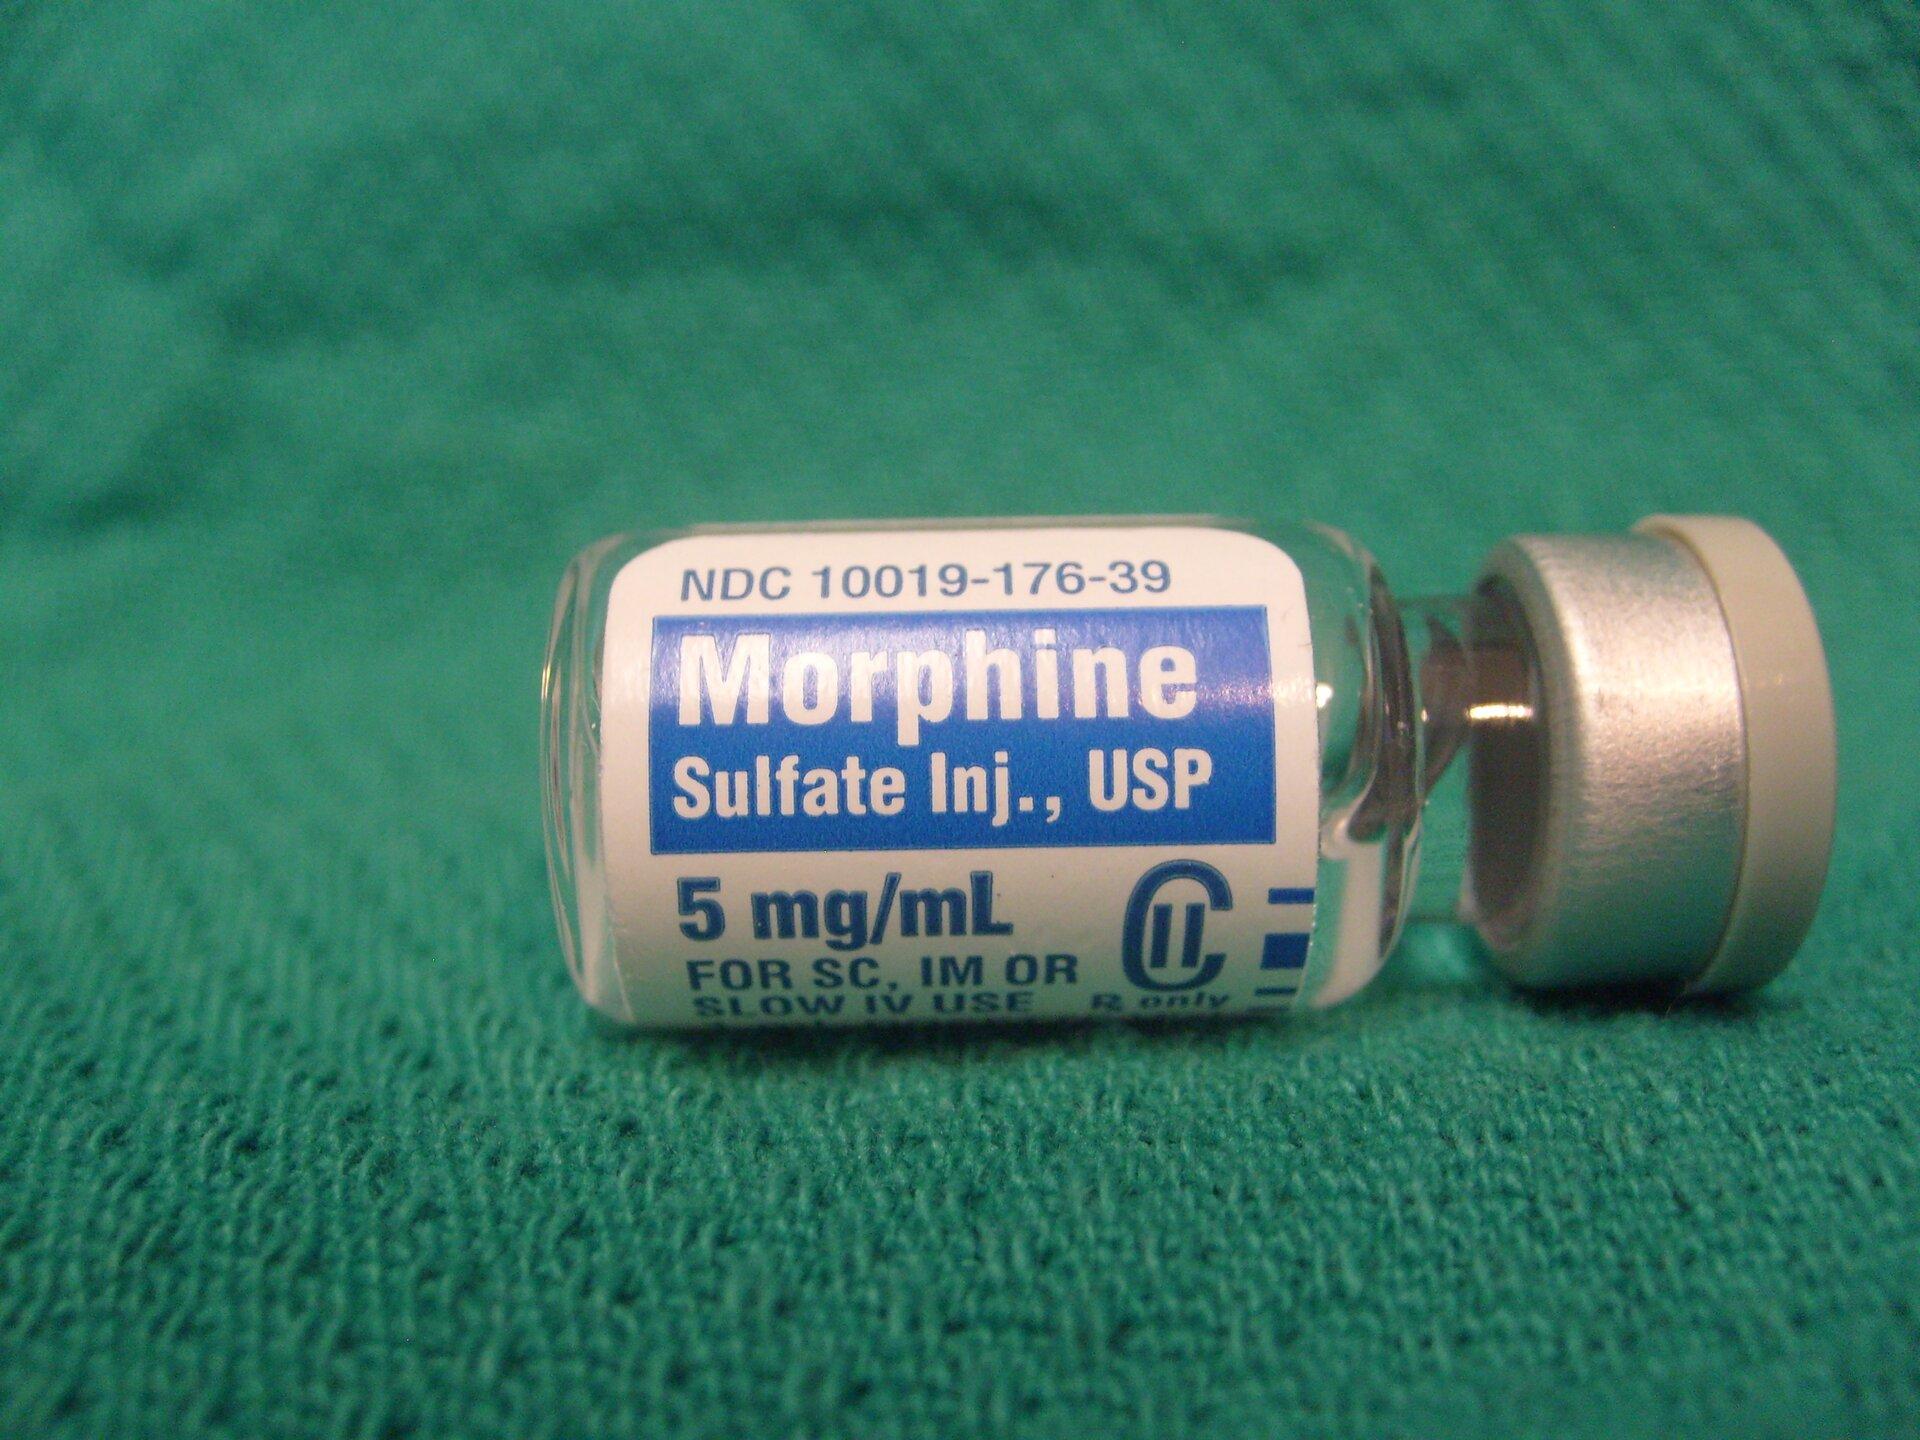 Fotografia przedstawia leżącą na boku fiolkę morfiny. Fiolka jest szklana, zmetalowo-gumowym korkiem. Etykieta informuje ozawartości. Morfina jest skutecznym środkiem uśmierzającym ból.